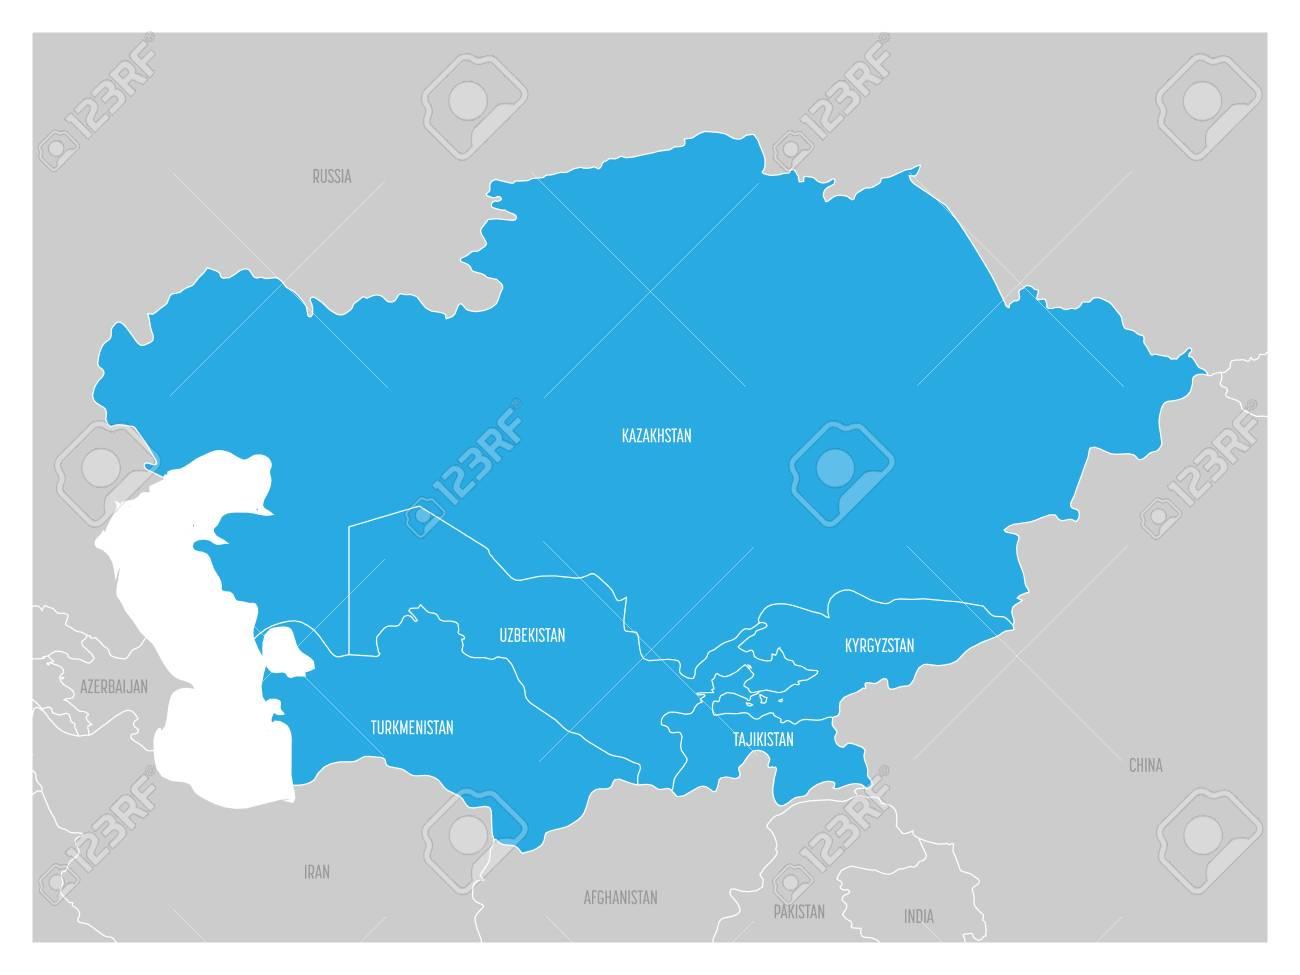 La Carte De Lasie Centrale.Carte De La Region De L Asie Centrale Avec Le Bleu En Surbrillance Du Kazakhstan Du Kirghizistan Du Tadjikistan Du Turkmenistan Et De